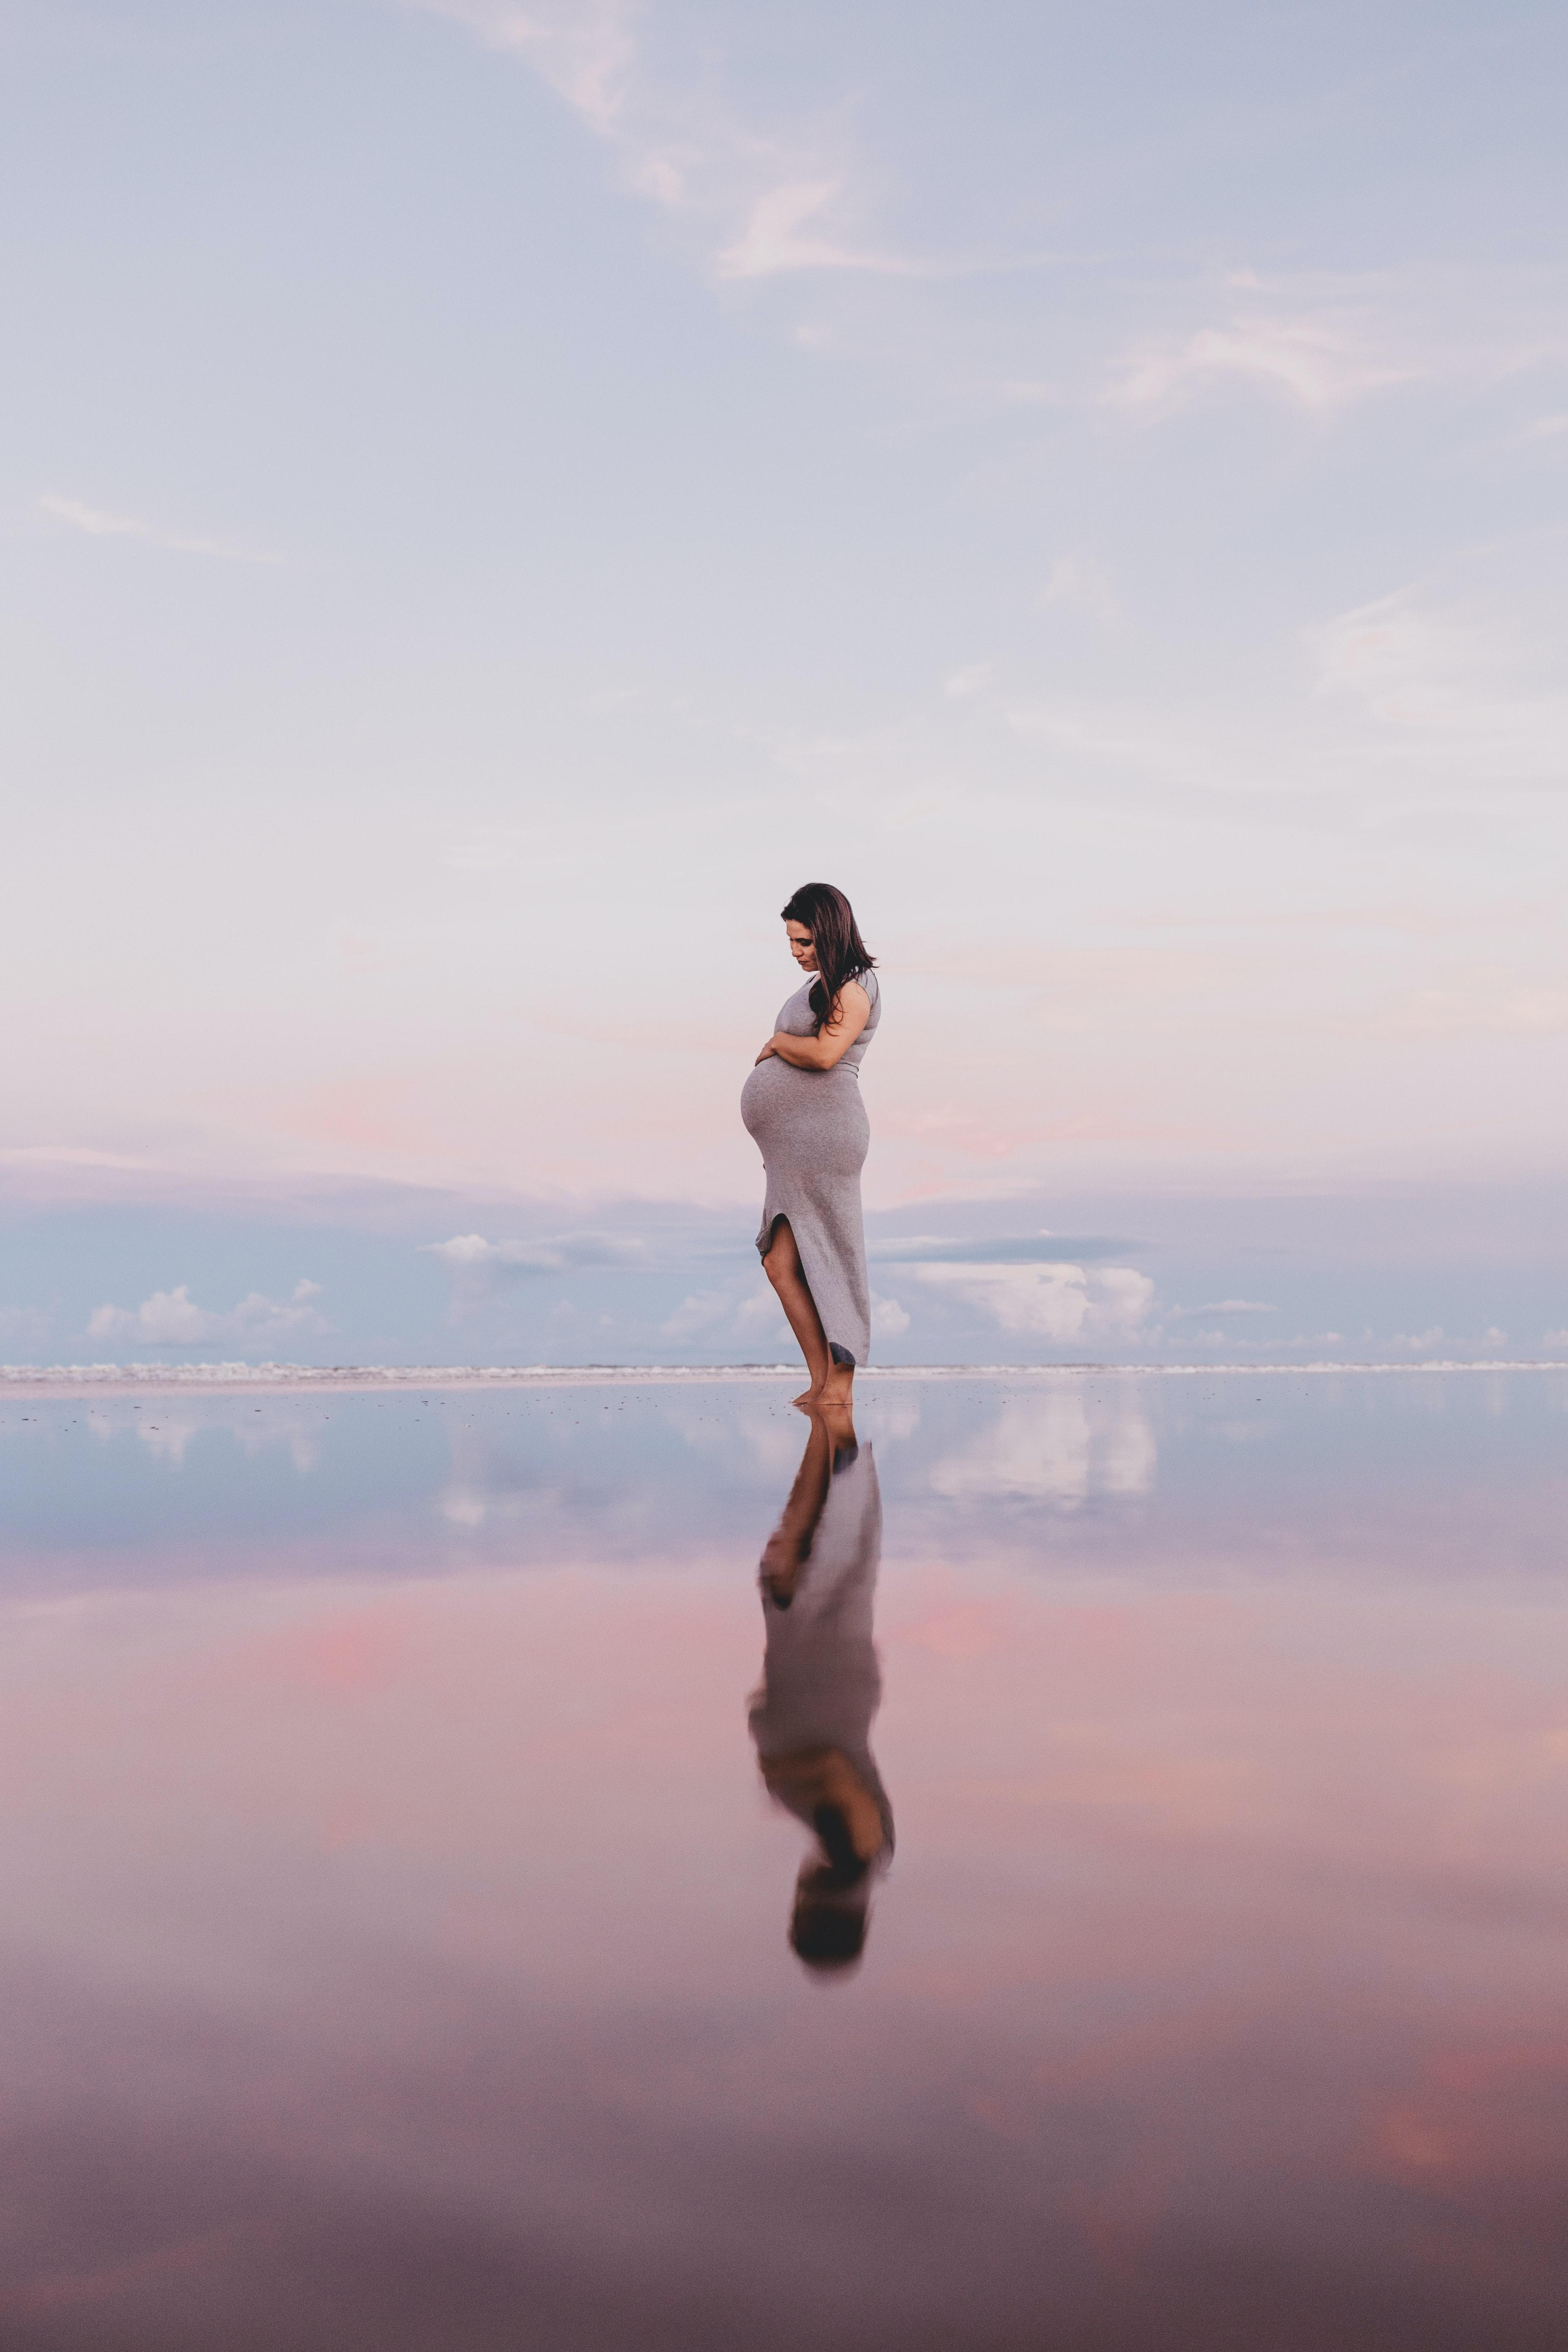 Pregnant Woman at beach